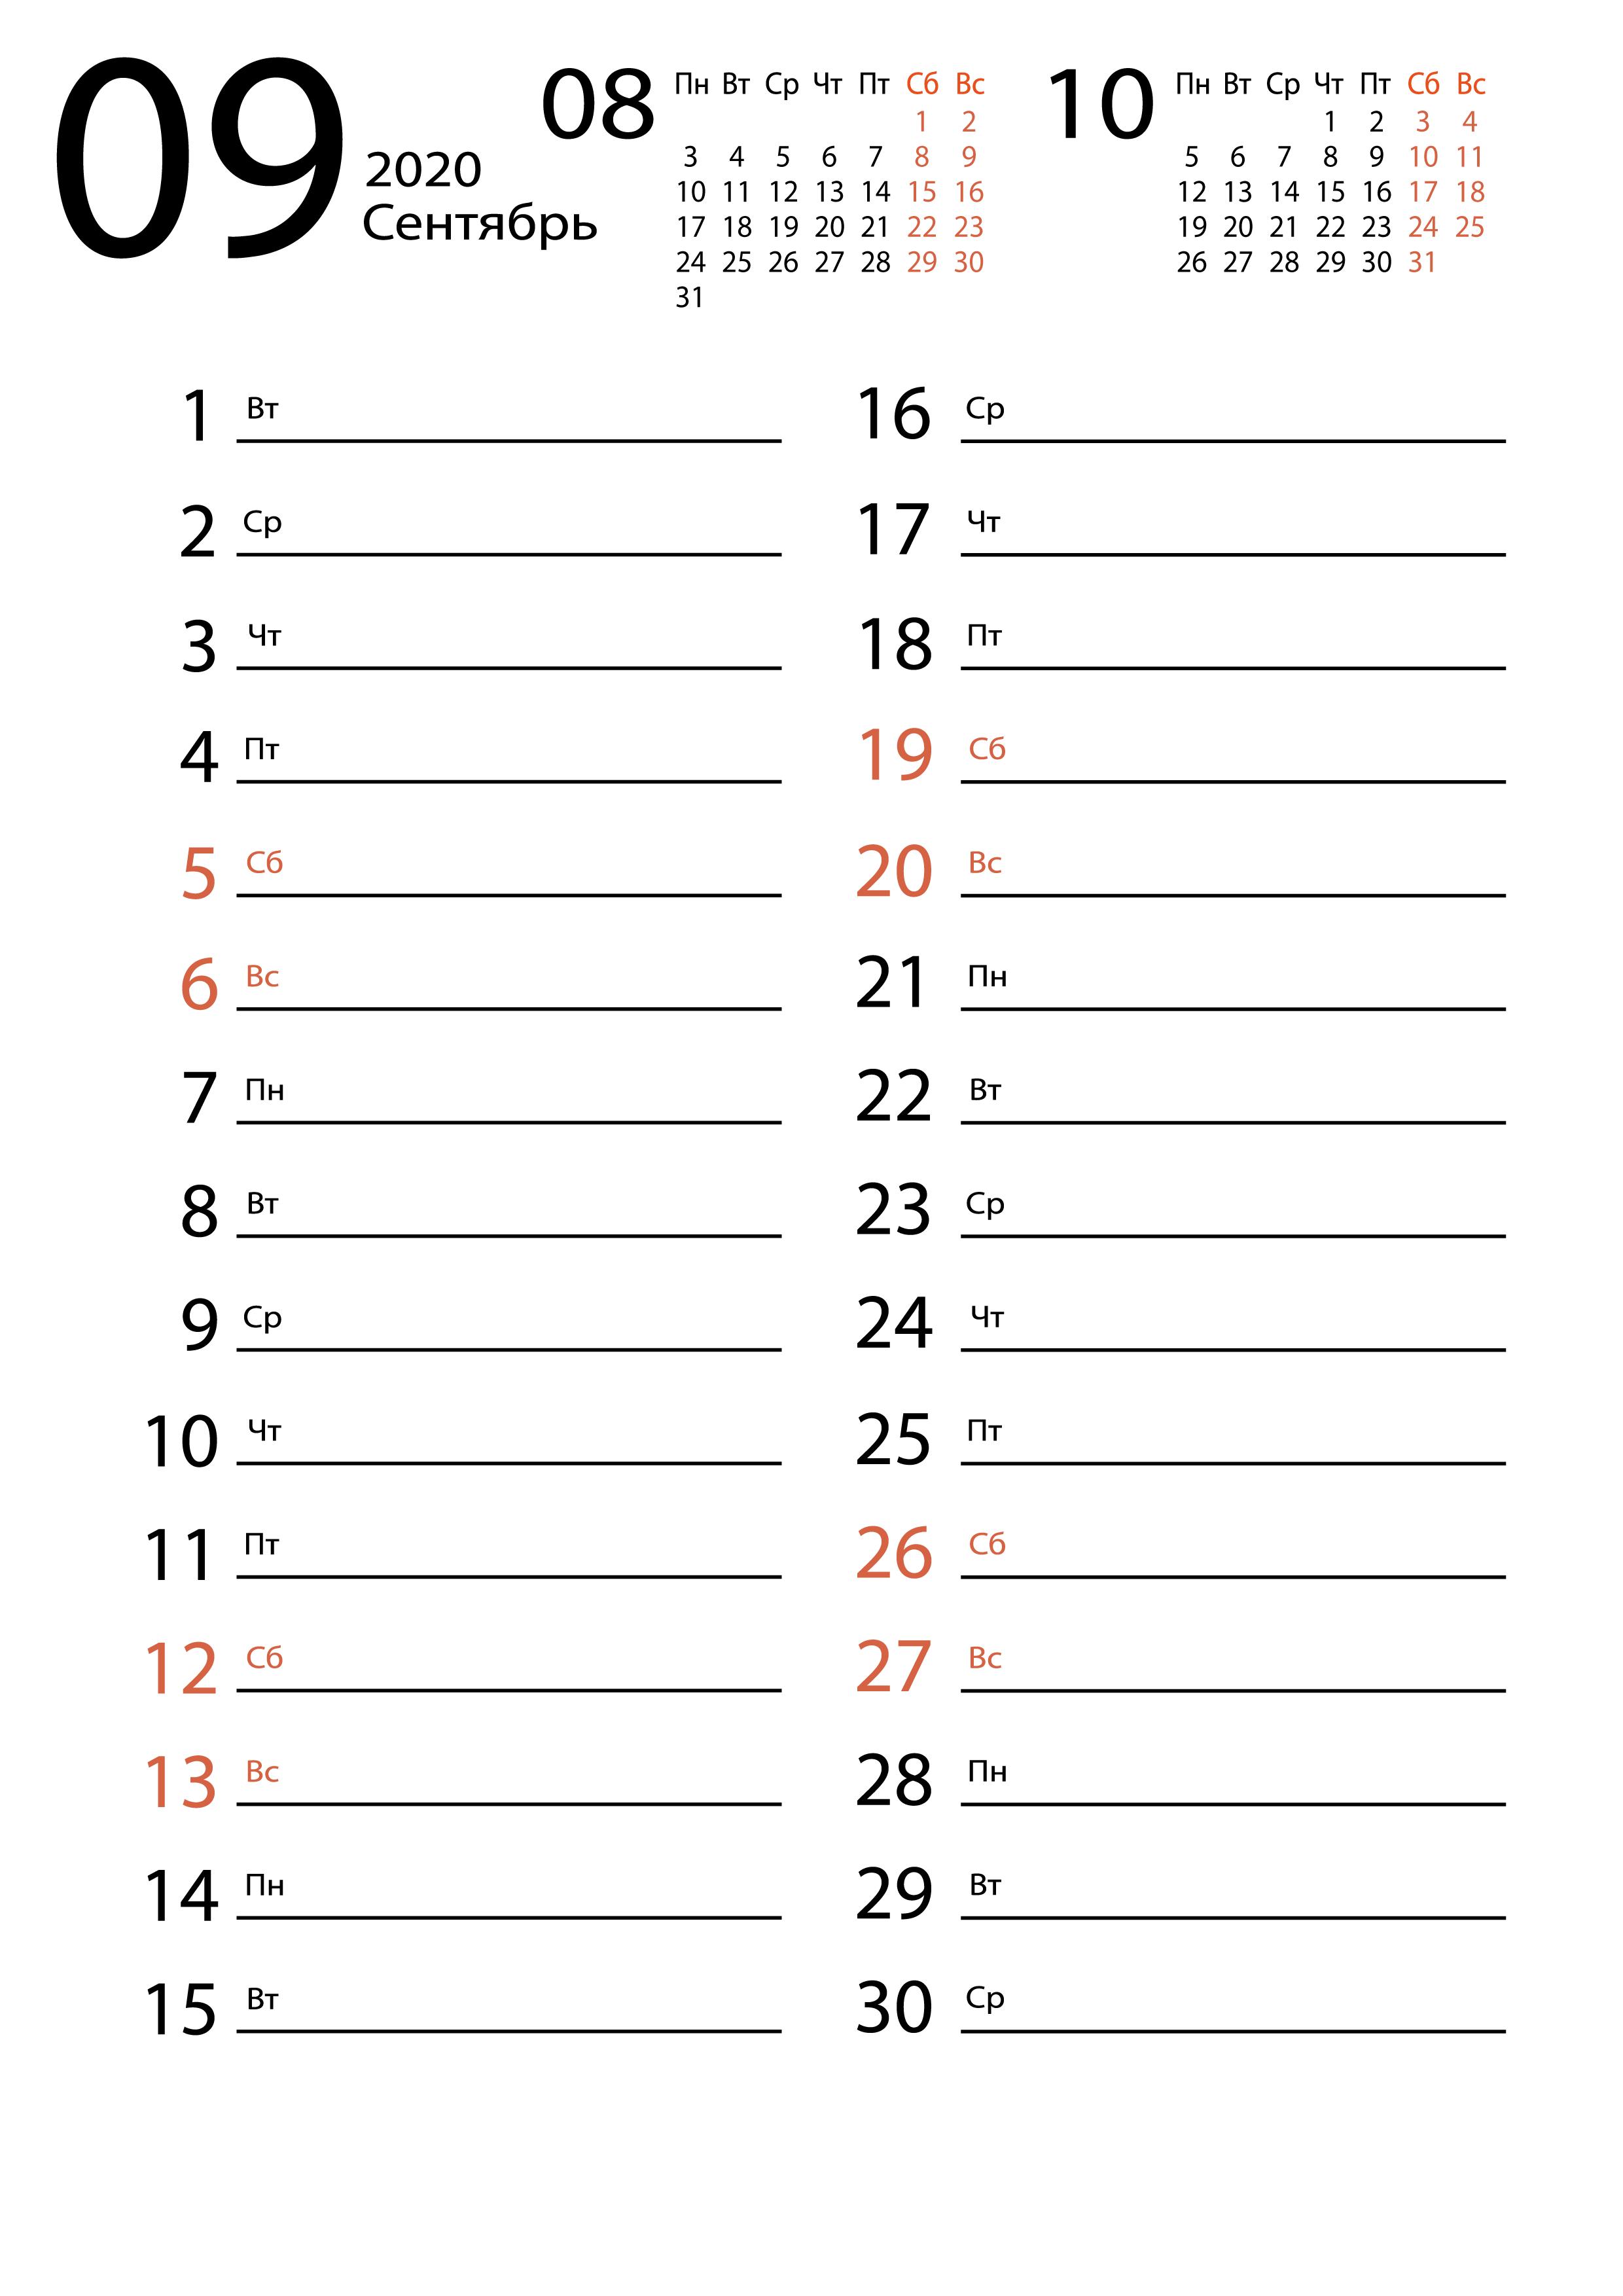 Сентябрь 2020 - Календарь для заметок